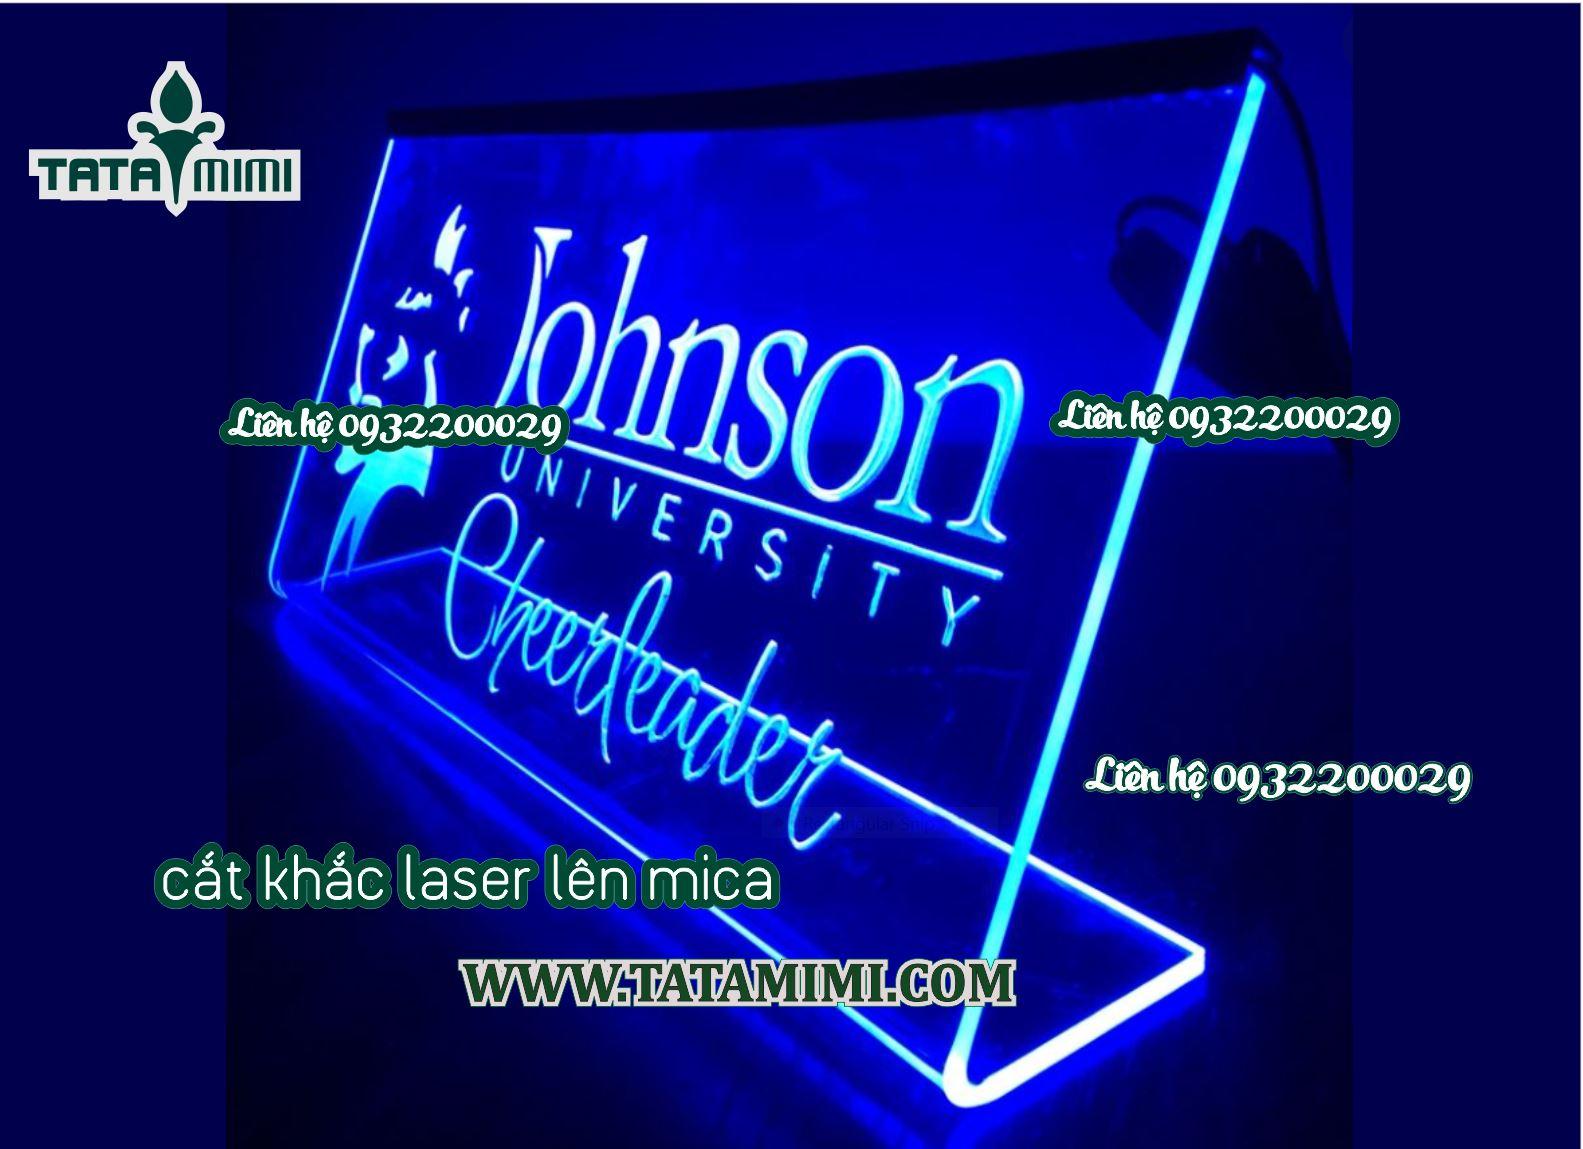 Biển công ty mica cắt khắc laser